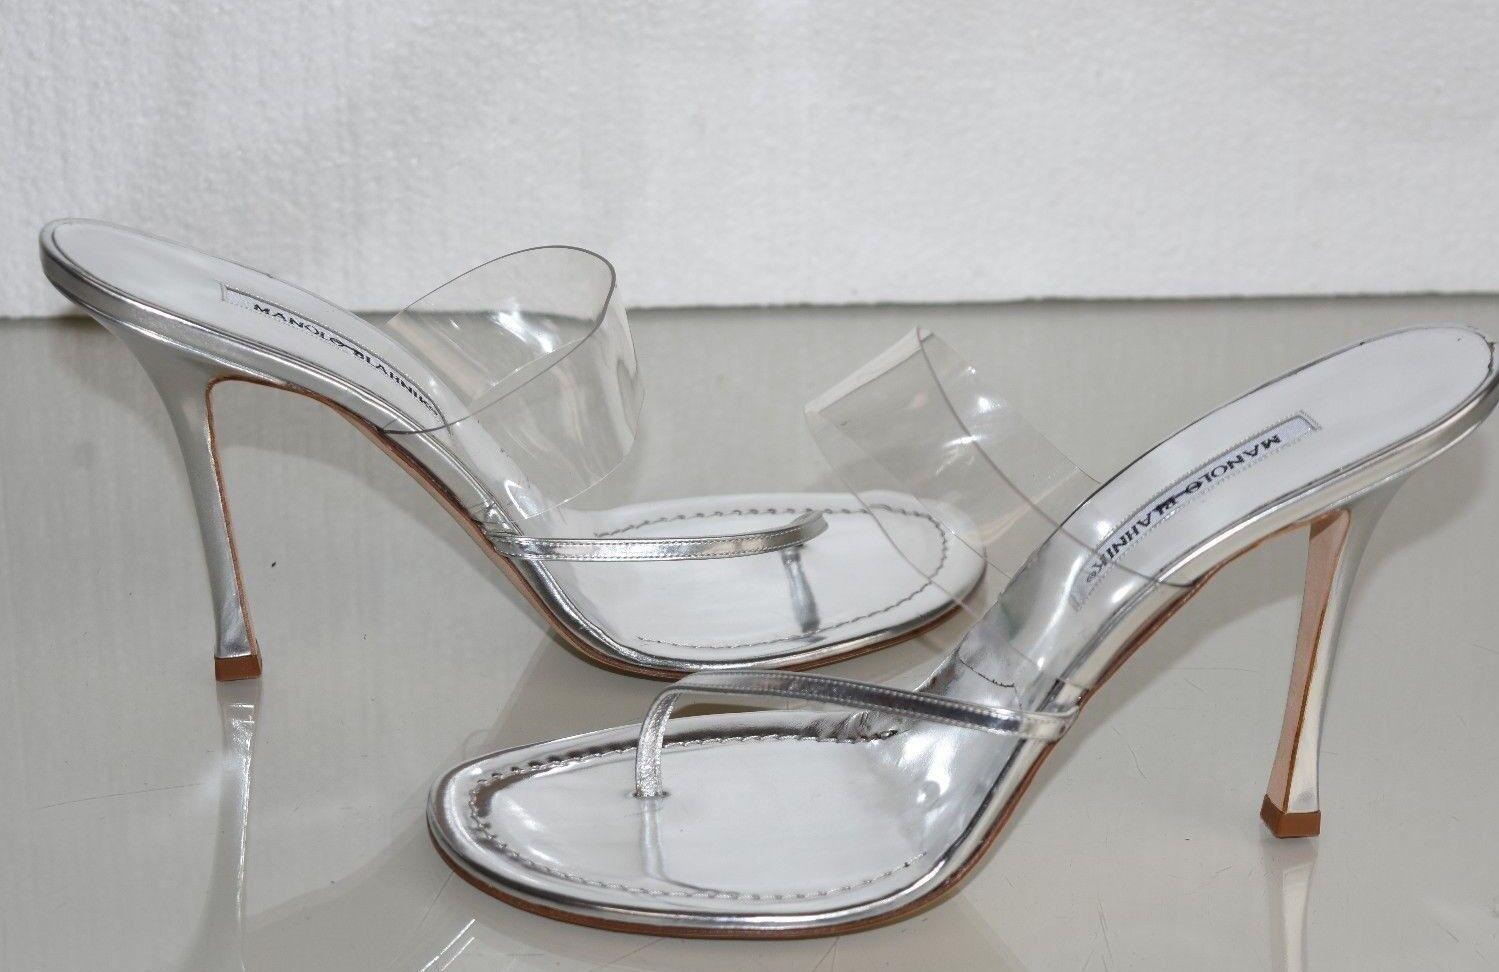 risposte rapide Nuovo Manolo Blahnik Speccio in pelle argentoo PVC PVC PVC Sandali con Cinturini 40.5 41  supporto al dettaglio all'ingrosso